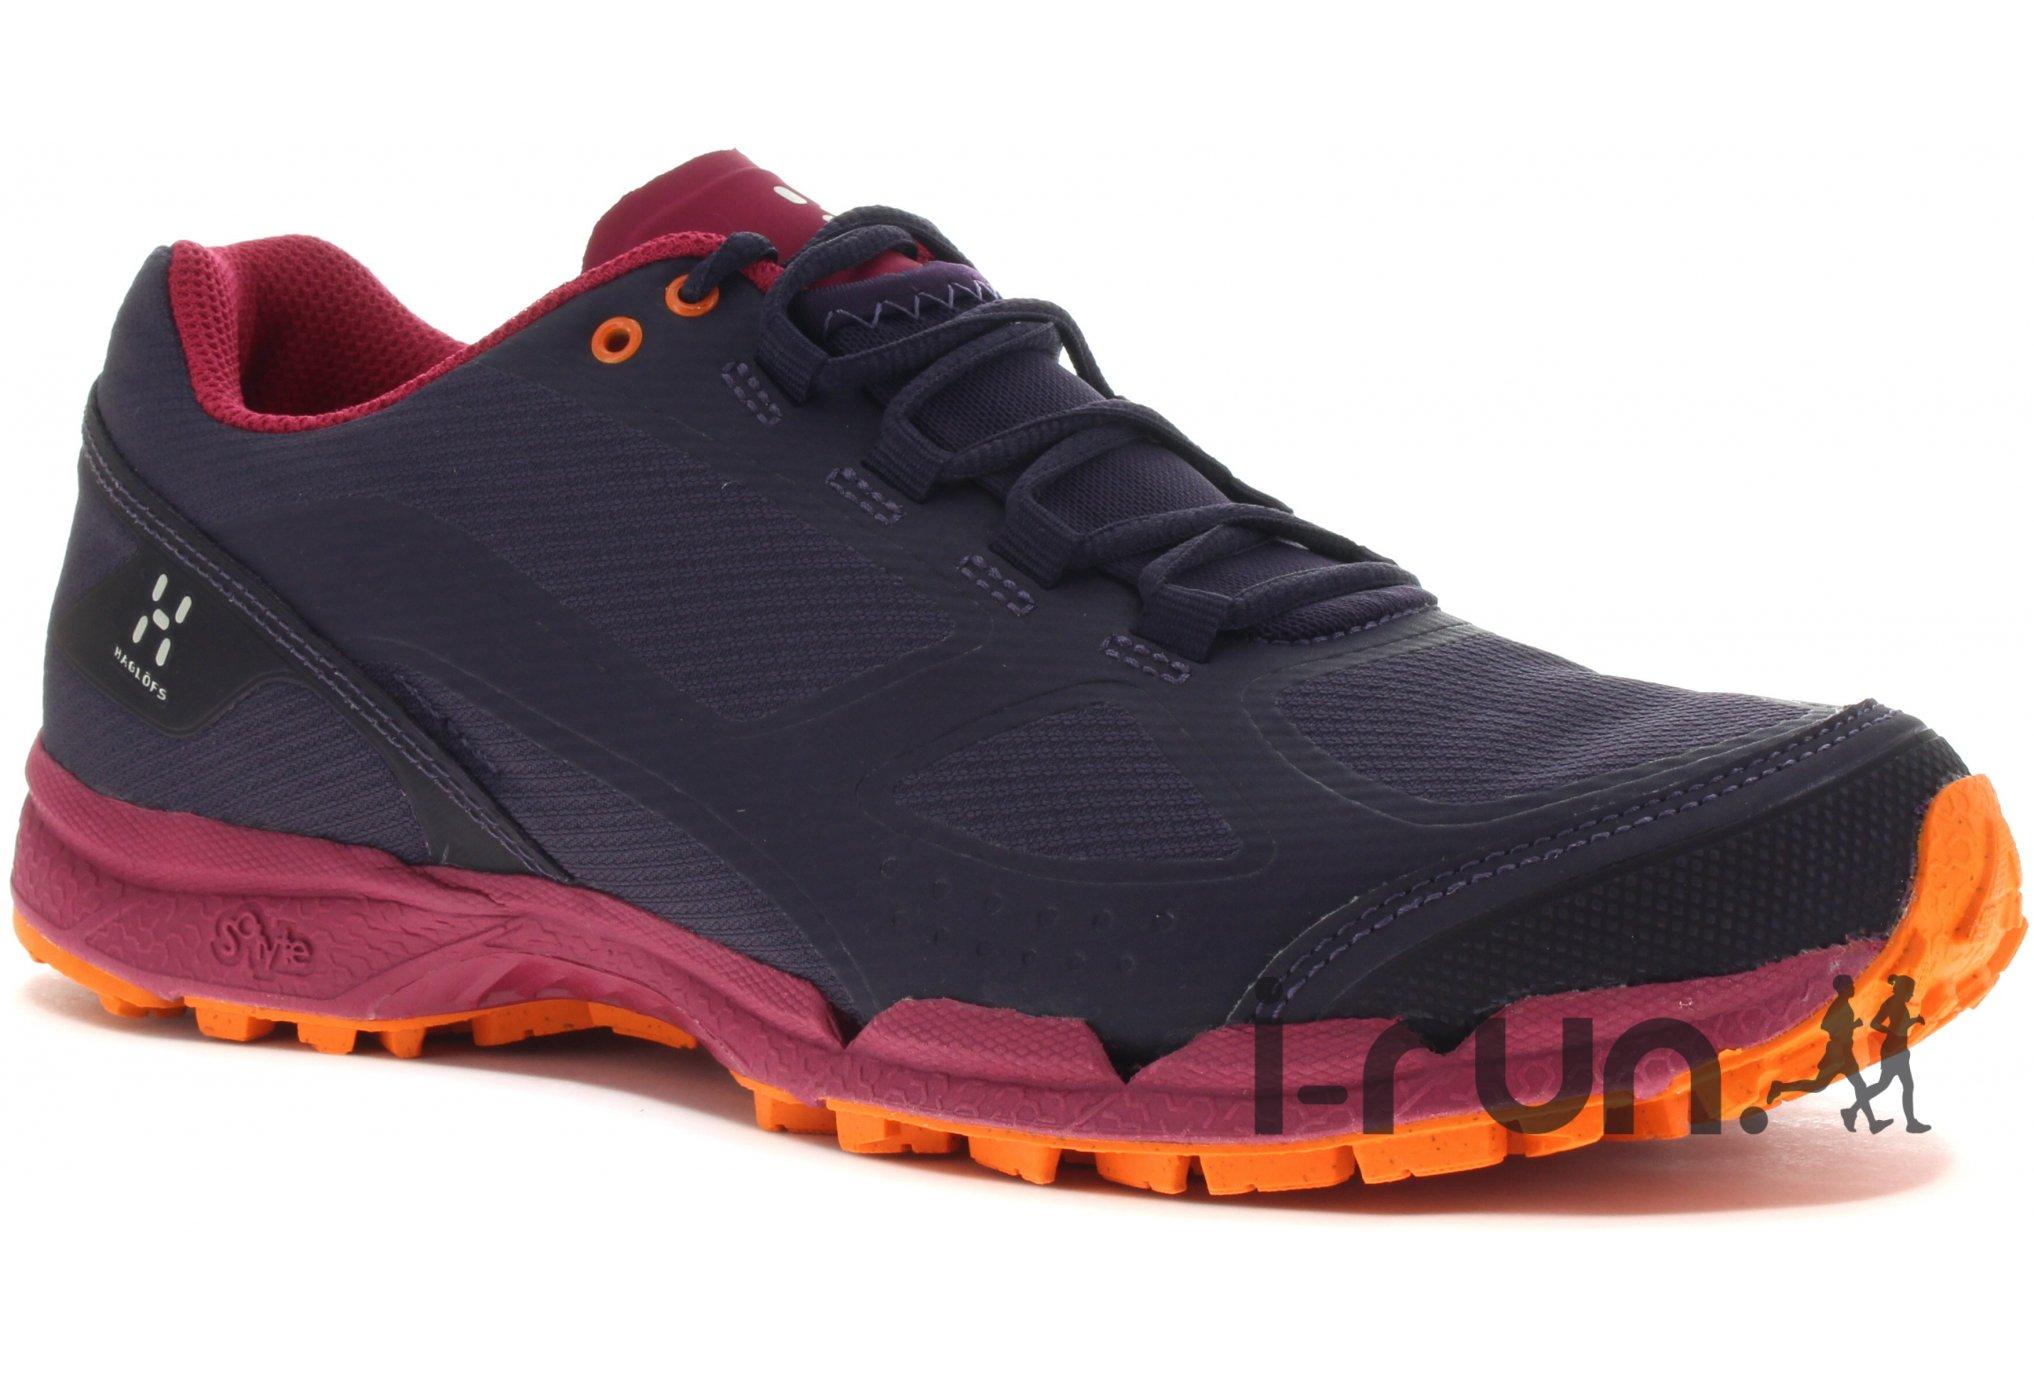 Haglöfs Gram Comp II W Chaussures running femme